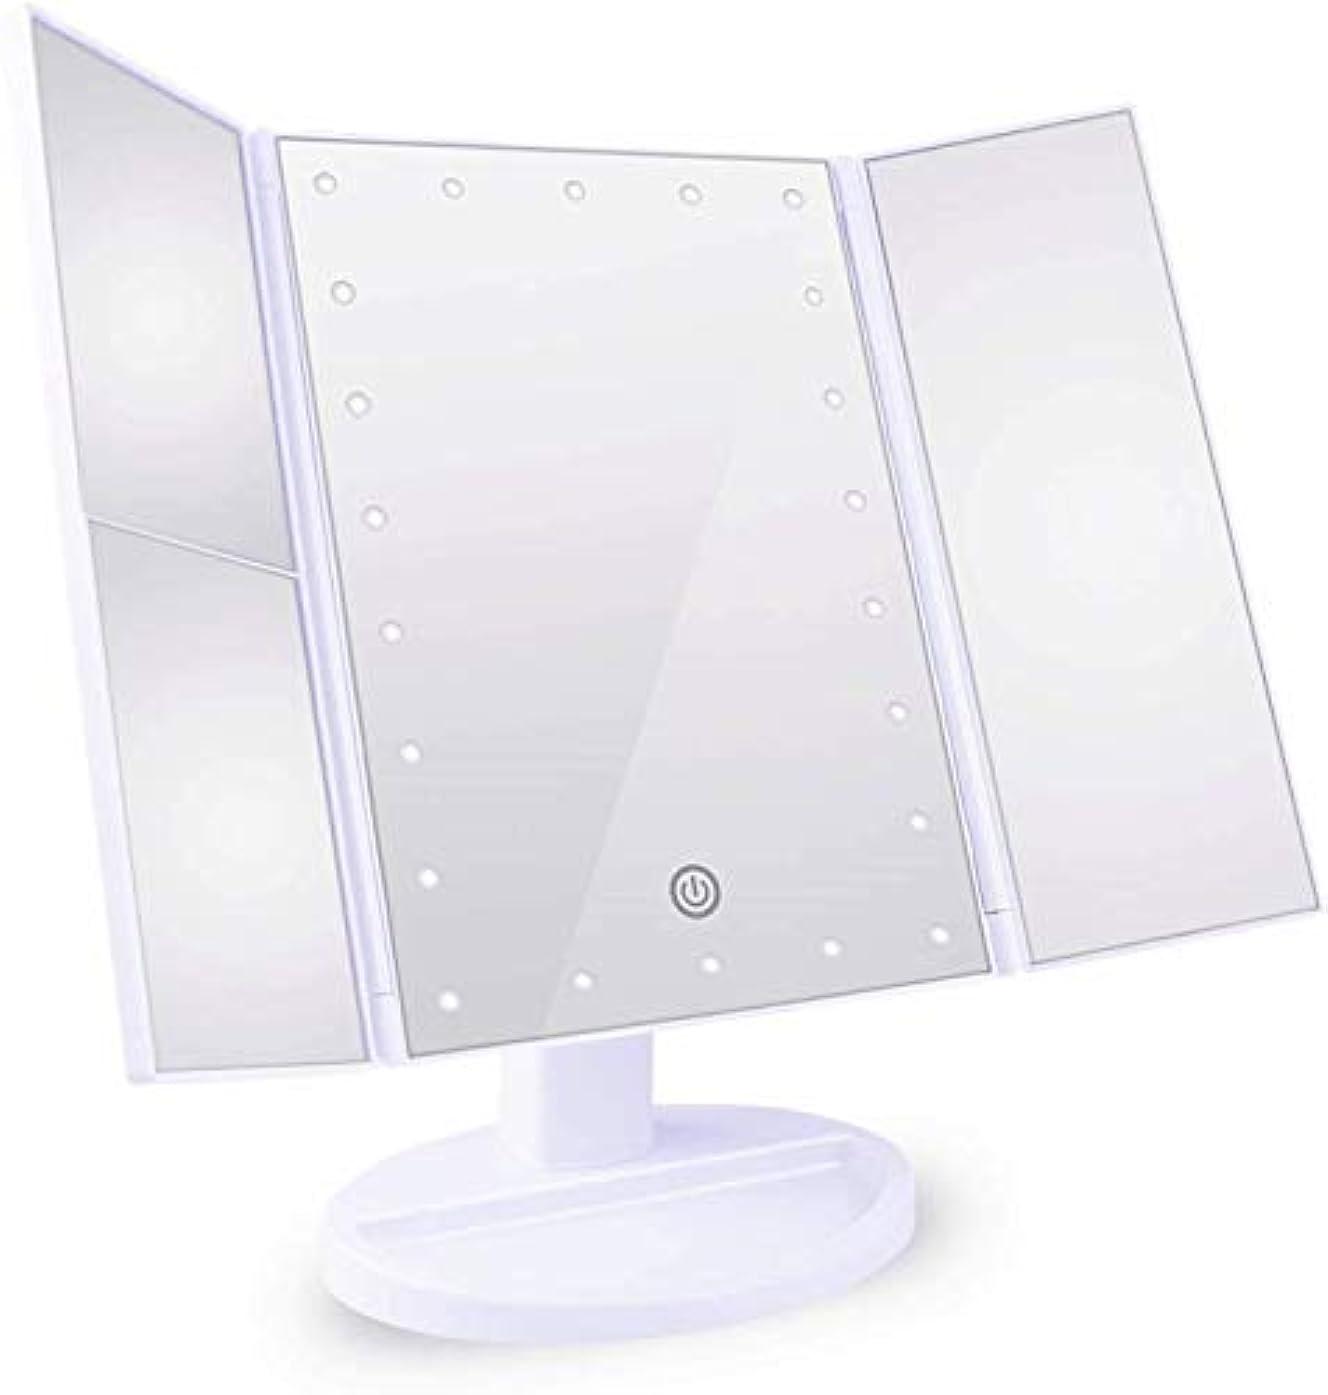 請求行くラバ化粧鏡 女優ミラー 三面鏡 Neolly 鏡 led 付き 卓上鏡 化粧ミラー 折りたたみ 明るさ調整可能 2&3倍拡大鏡付 180 °回転 電池&USB 2WAY給電 ホワイト